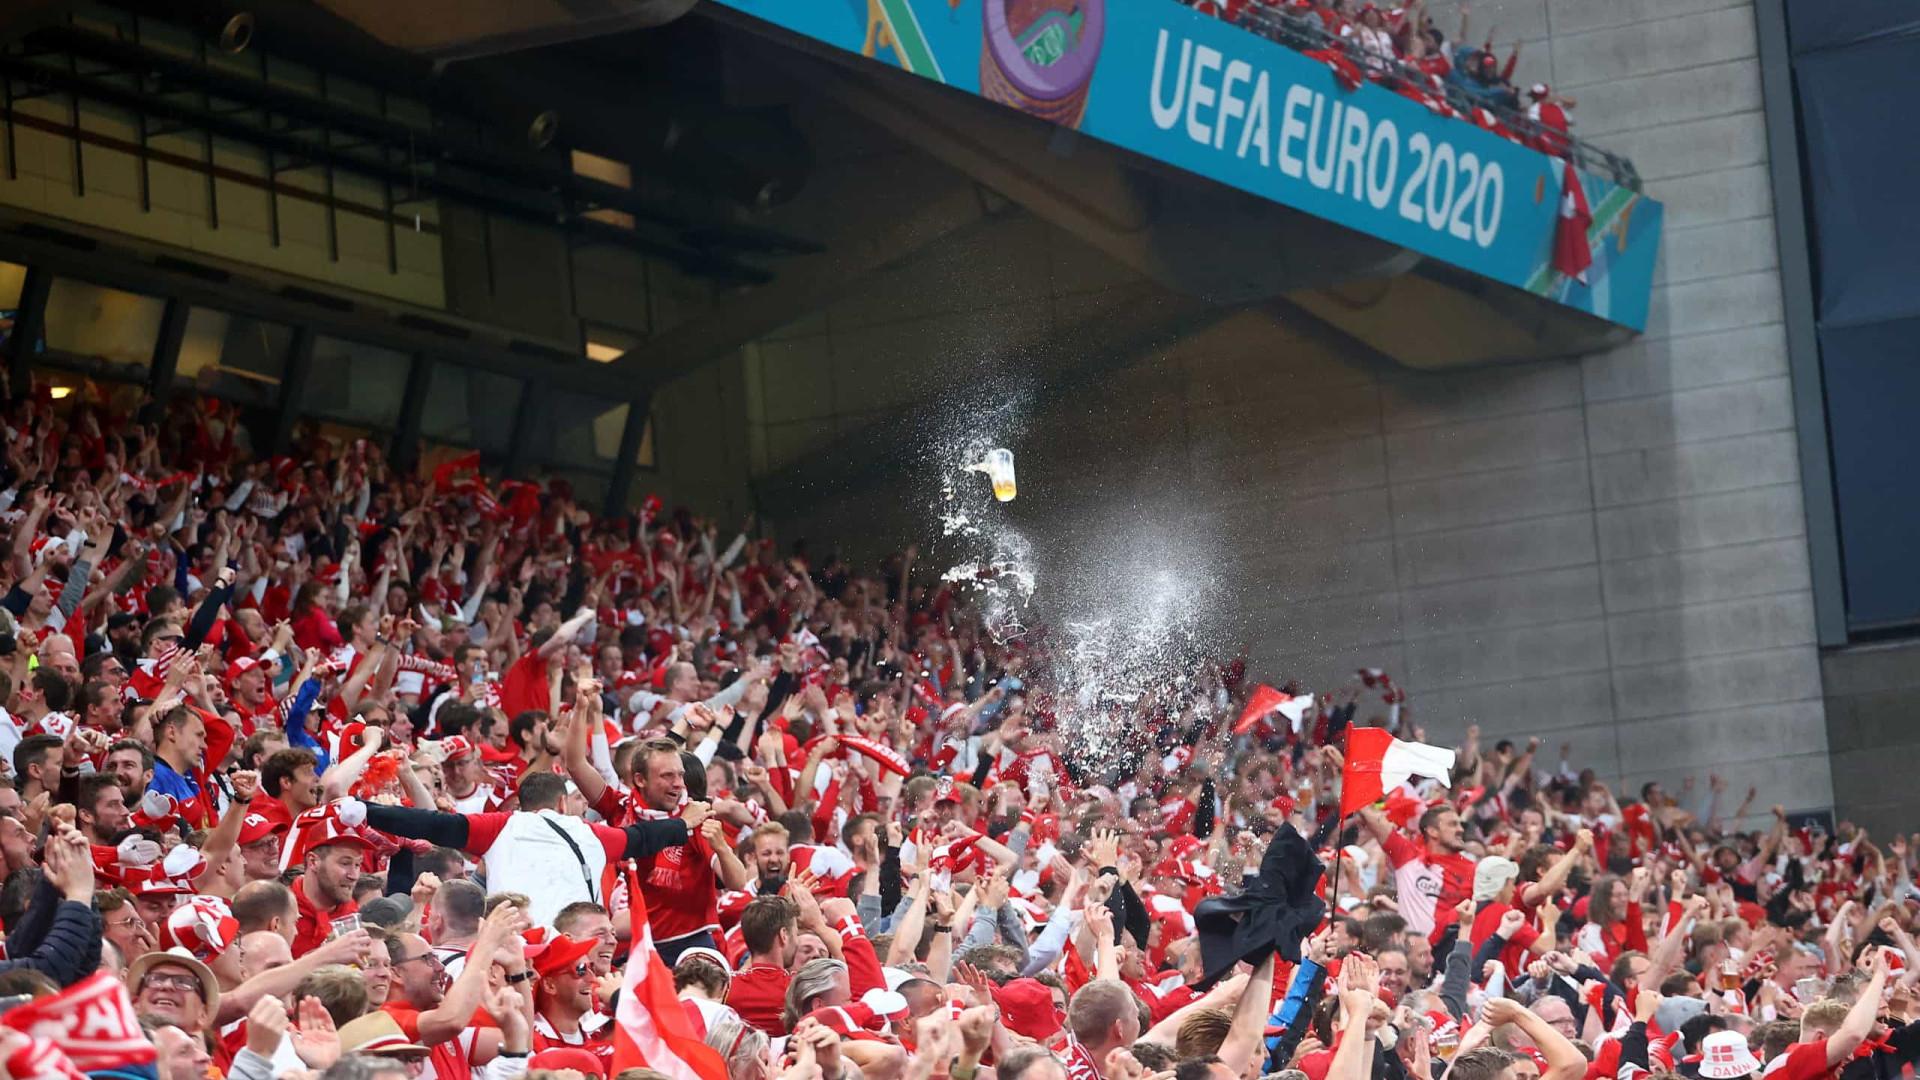 Euro'2020: OMS preocupada com relaxamento nas restrições e novos casos